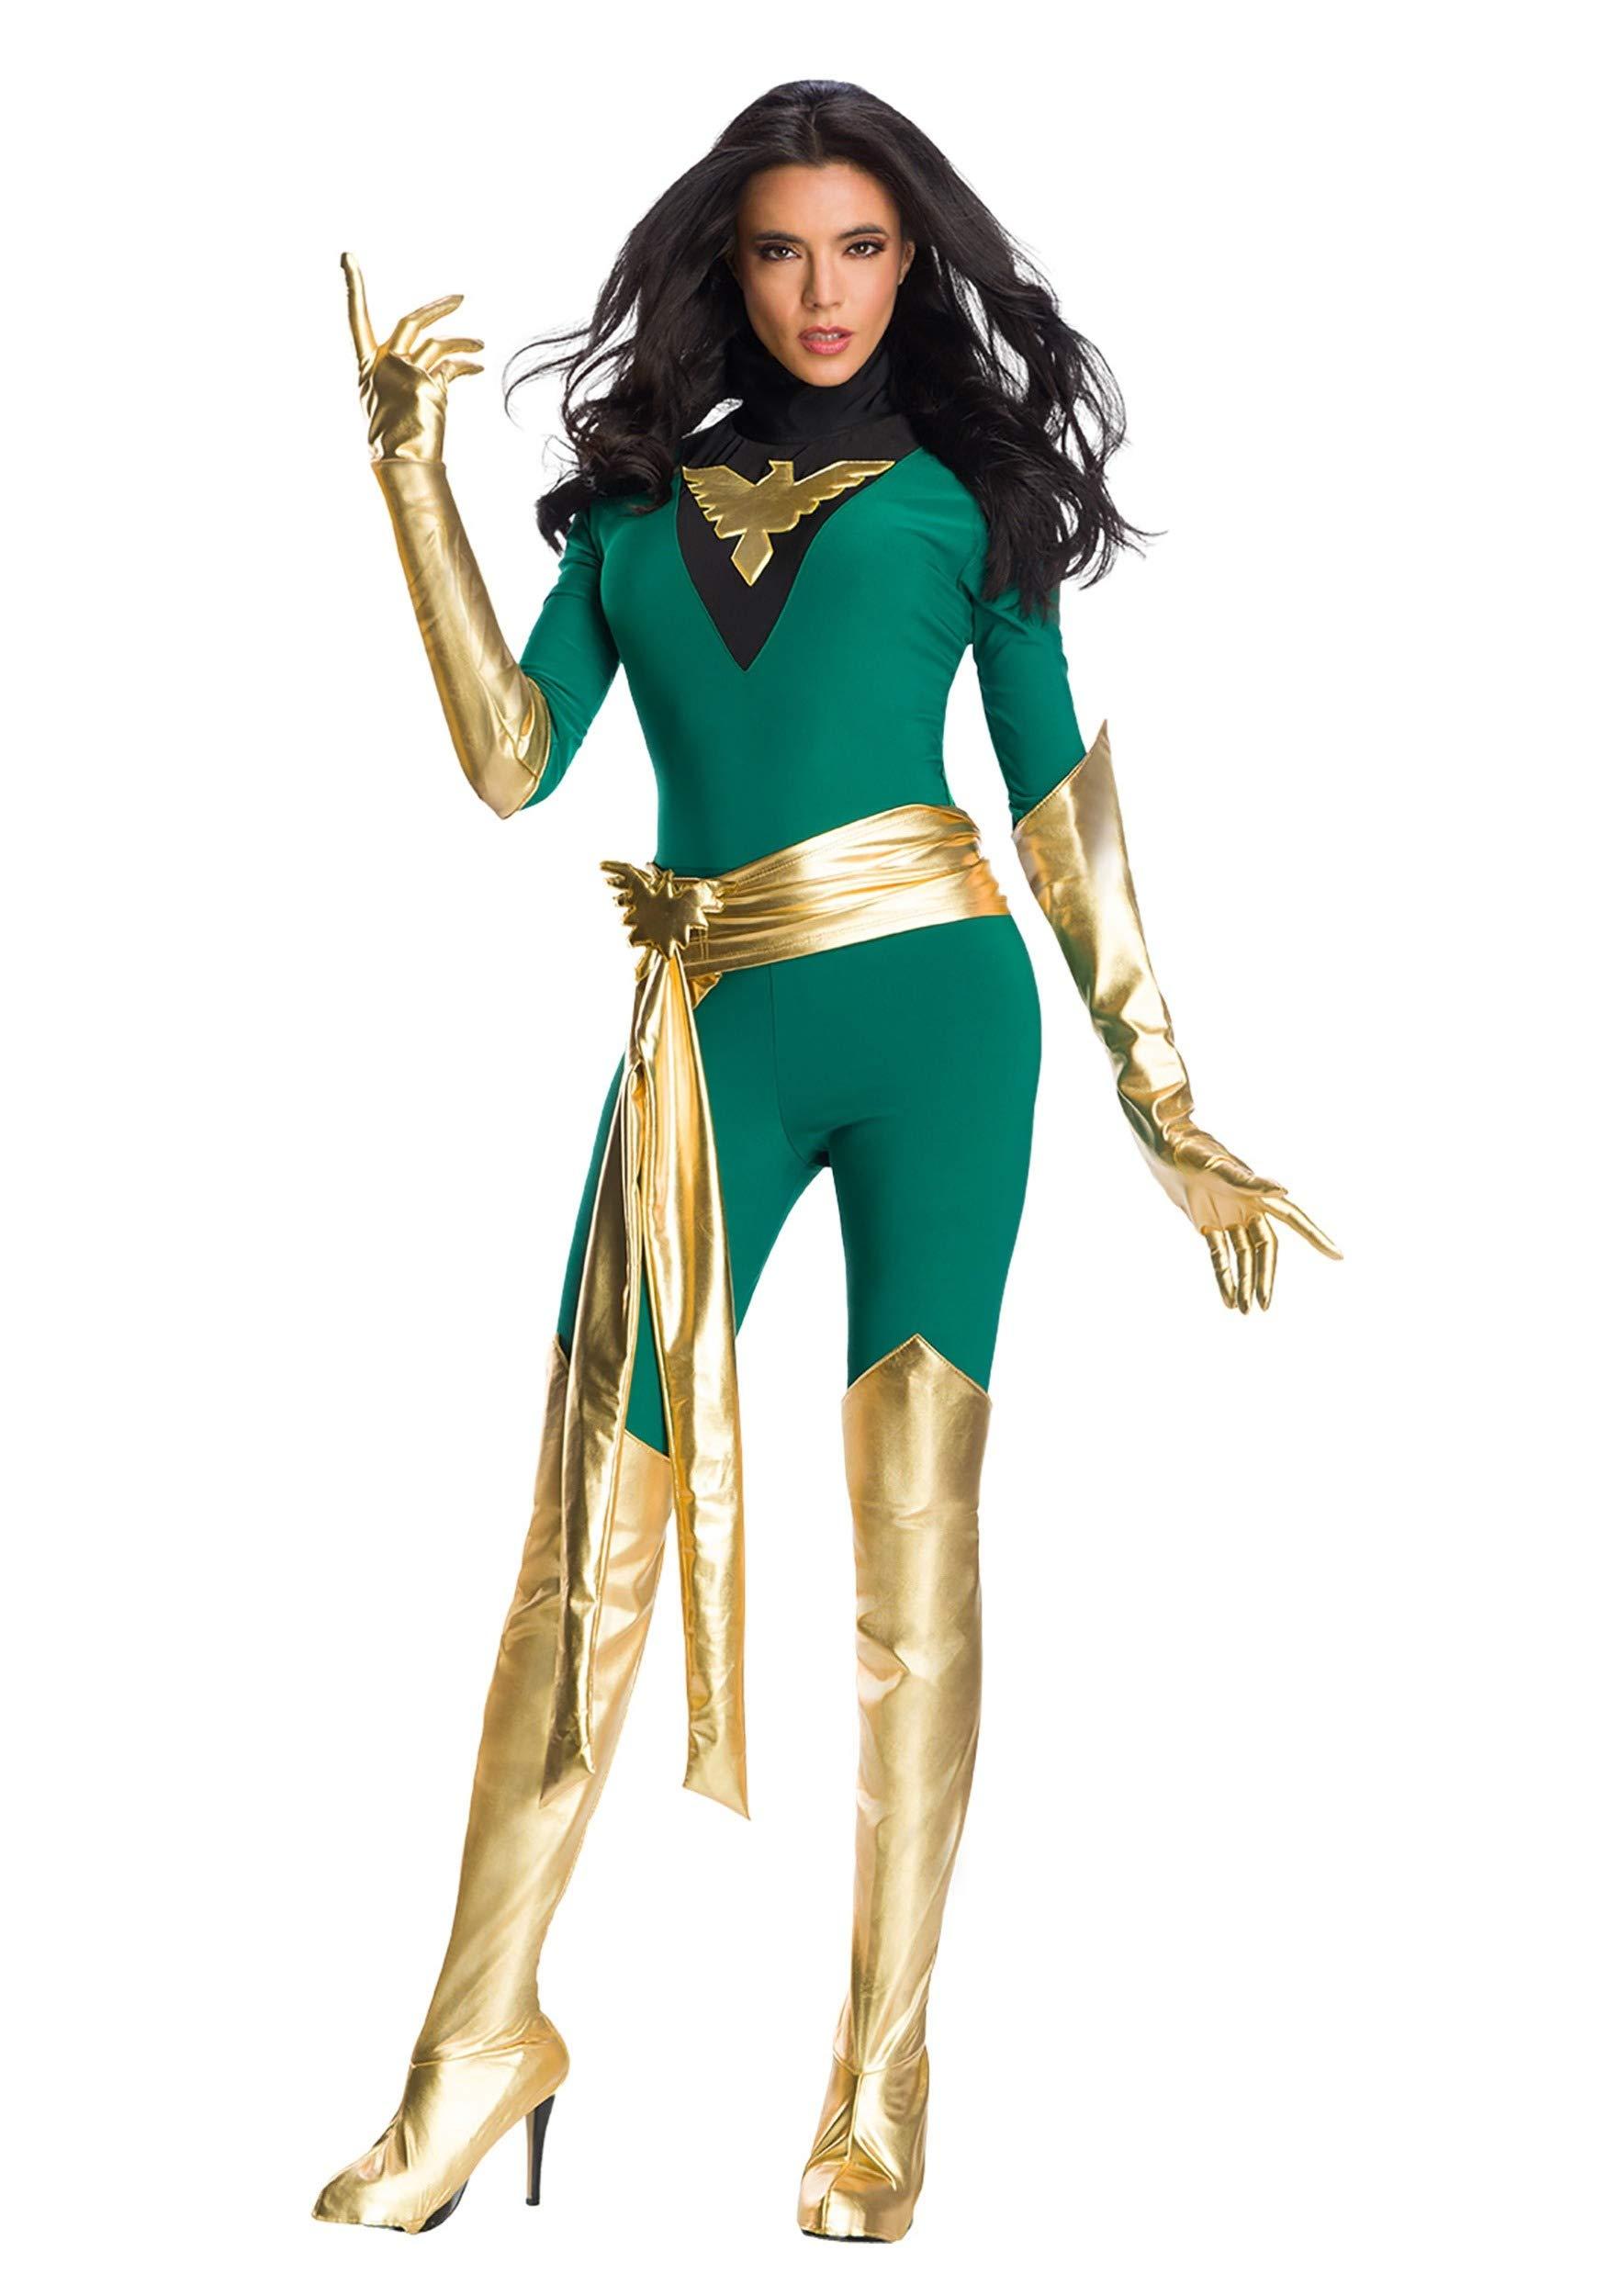 - 716N2nKjU 2BL - Premium Marvel Jean Grey Phoenix Womens Costume